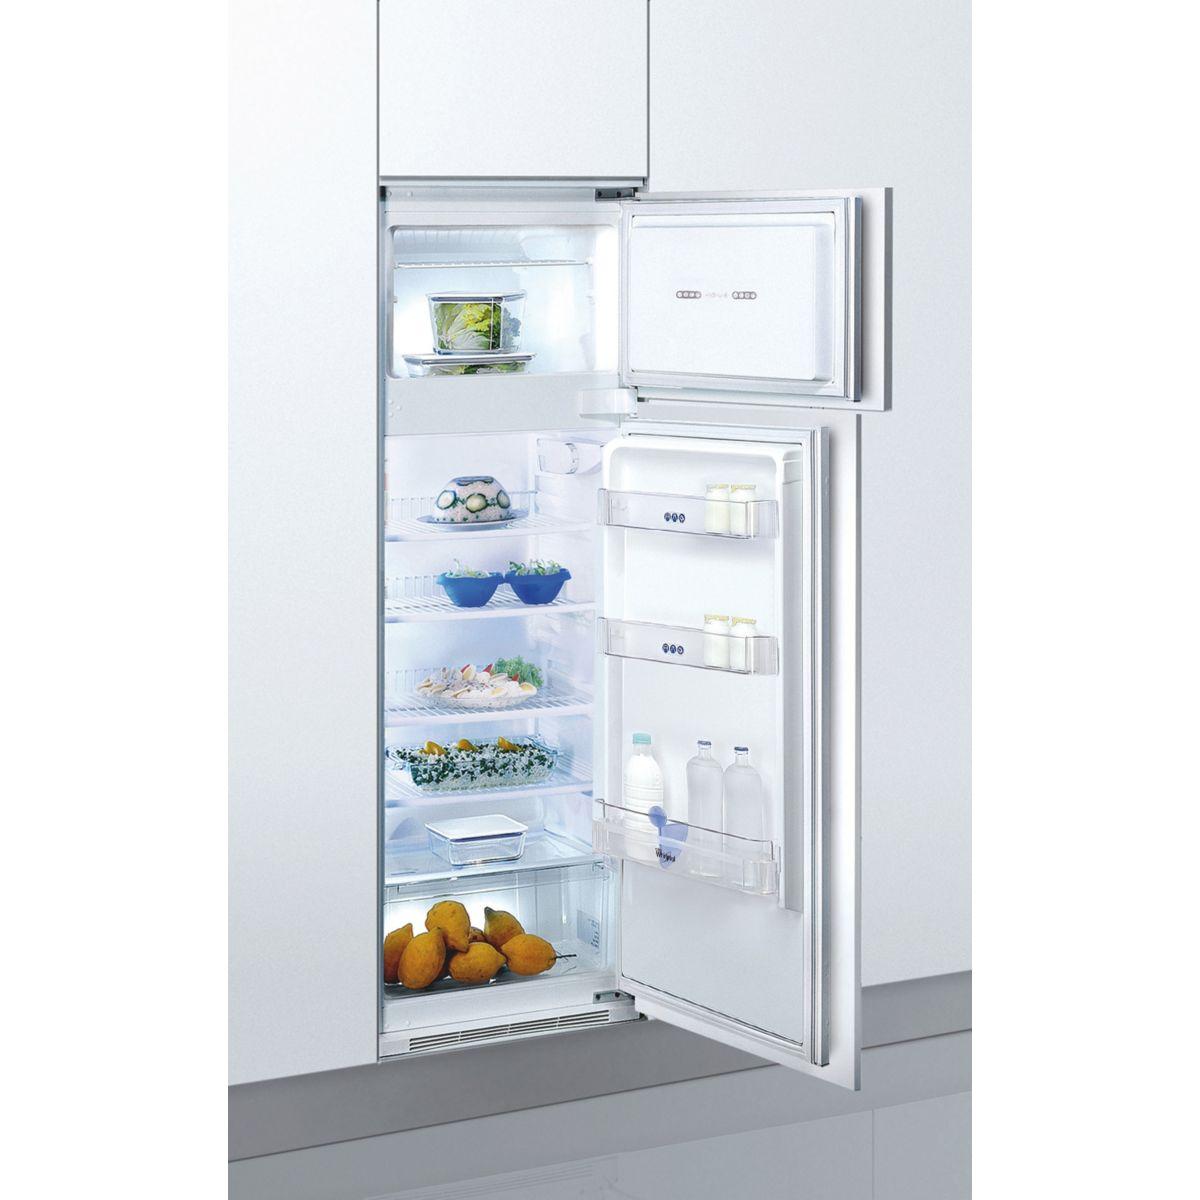 Réfrigérateur encastrable WHIRLPOOL ART369A+